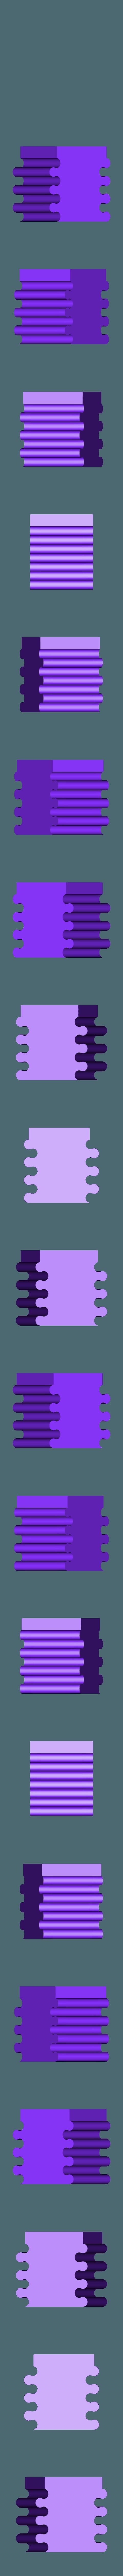 vase puzzle 2.obj Download OBJ file 3dgregor puzzle vase • Template to 3D print, 3dgregor